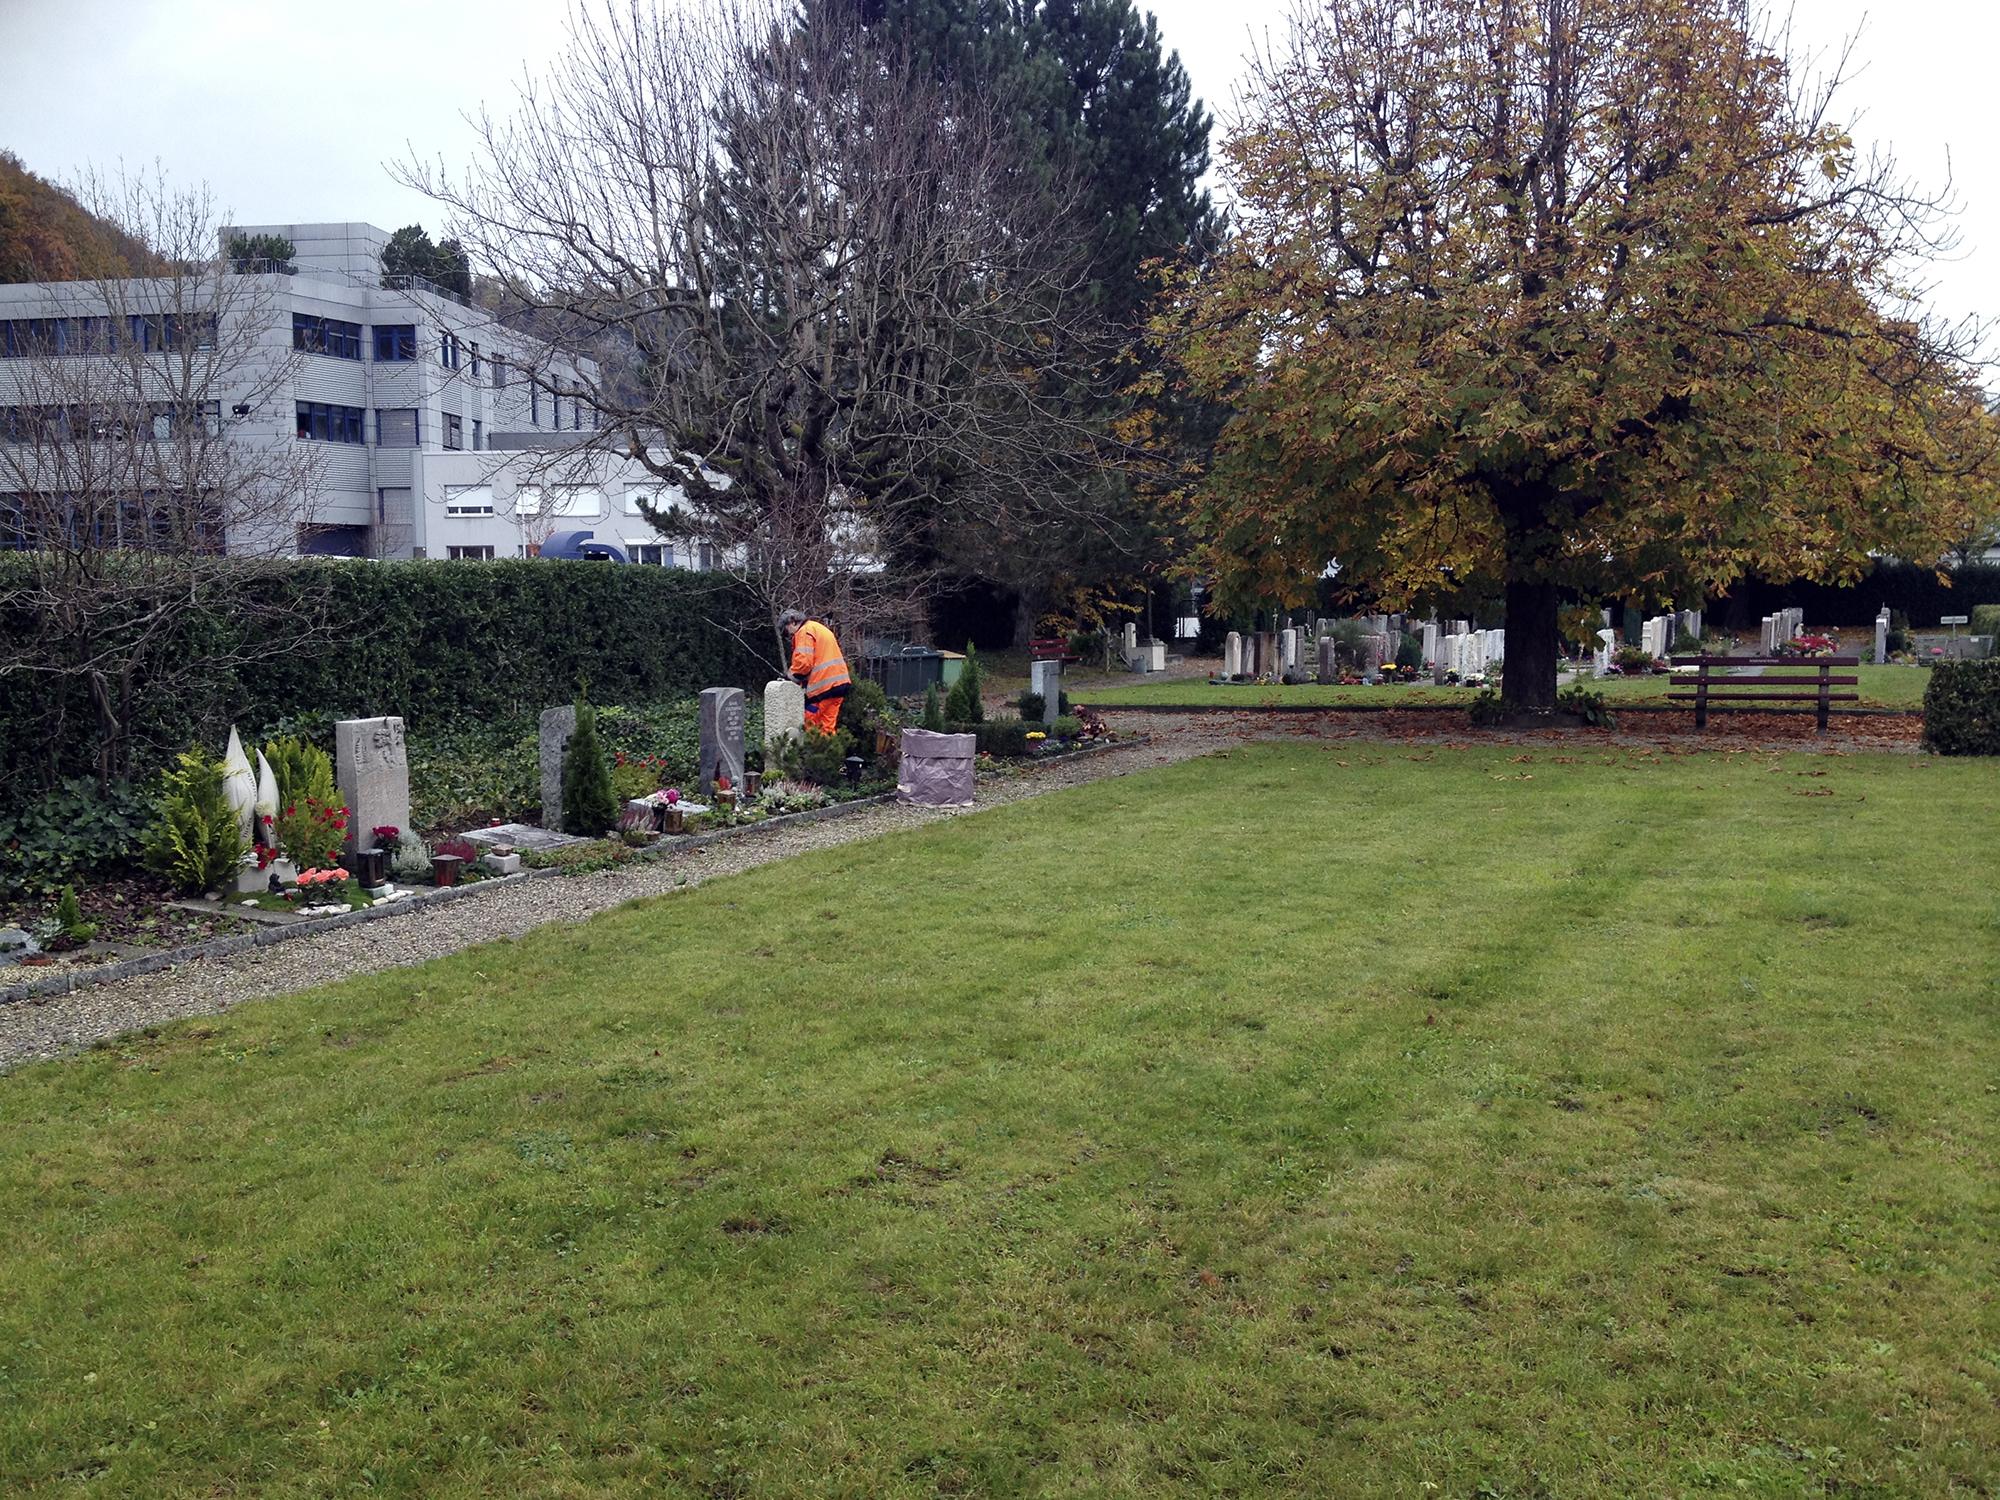 Auf dem Friedhof fallen immer arbeiten an. Die Gräber sollen sauber sein.